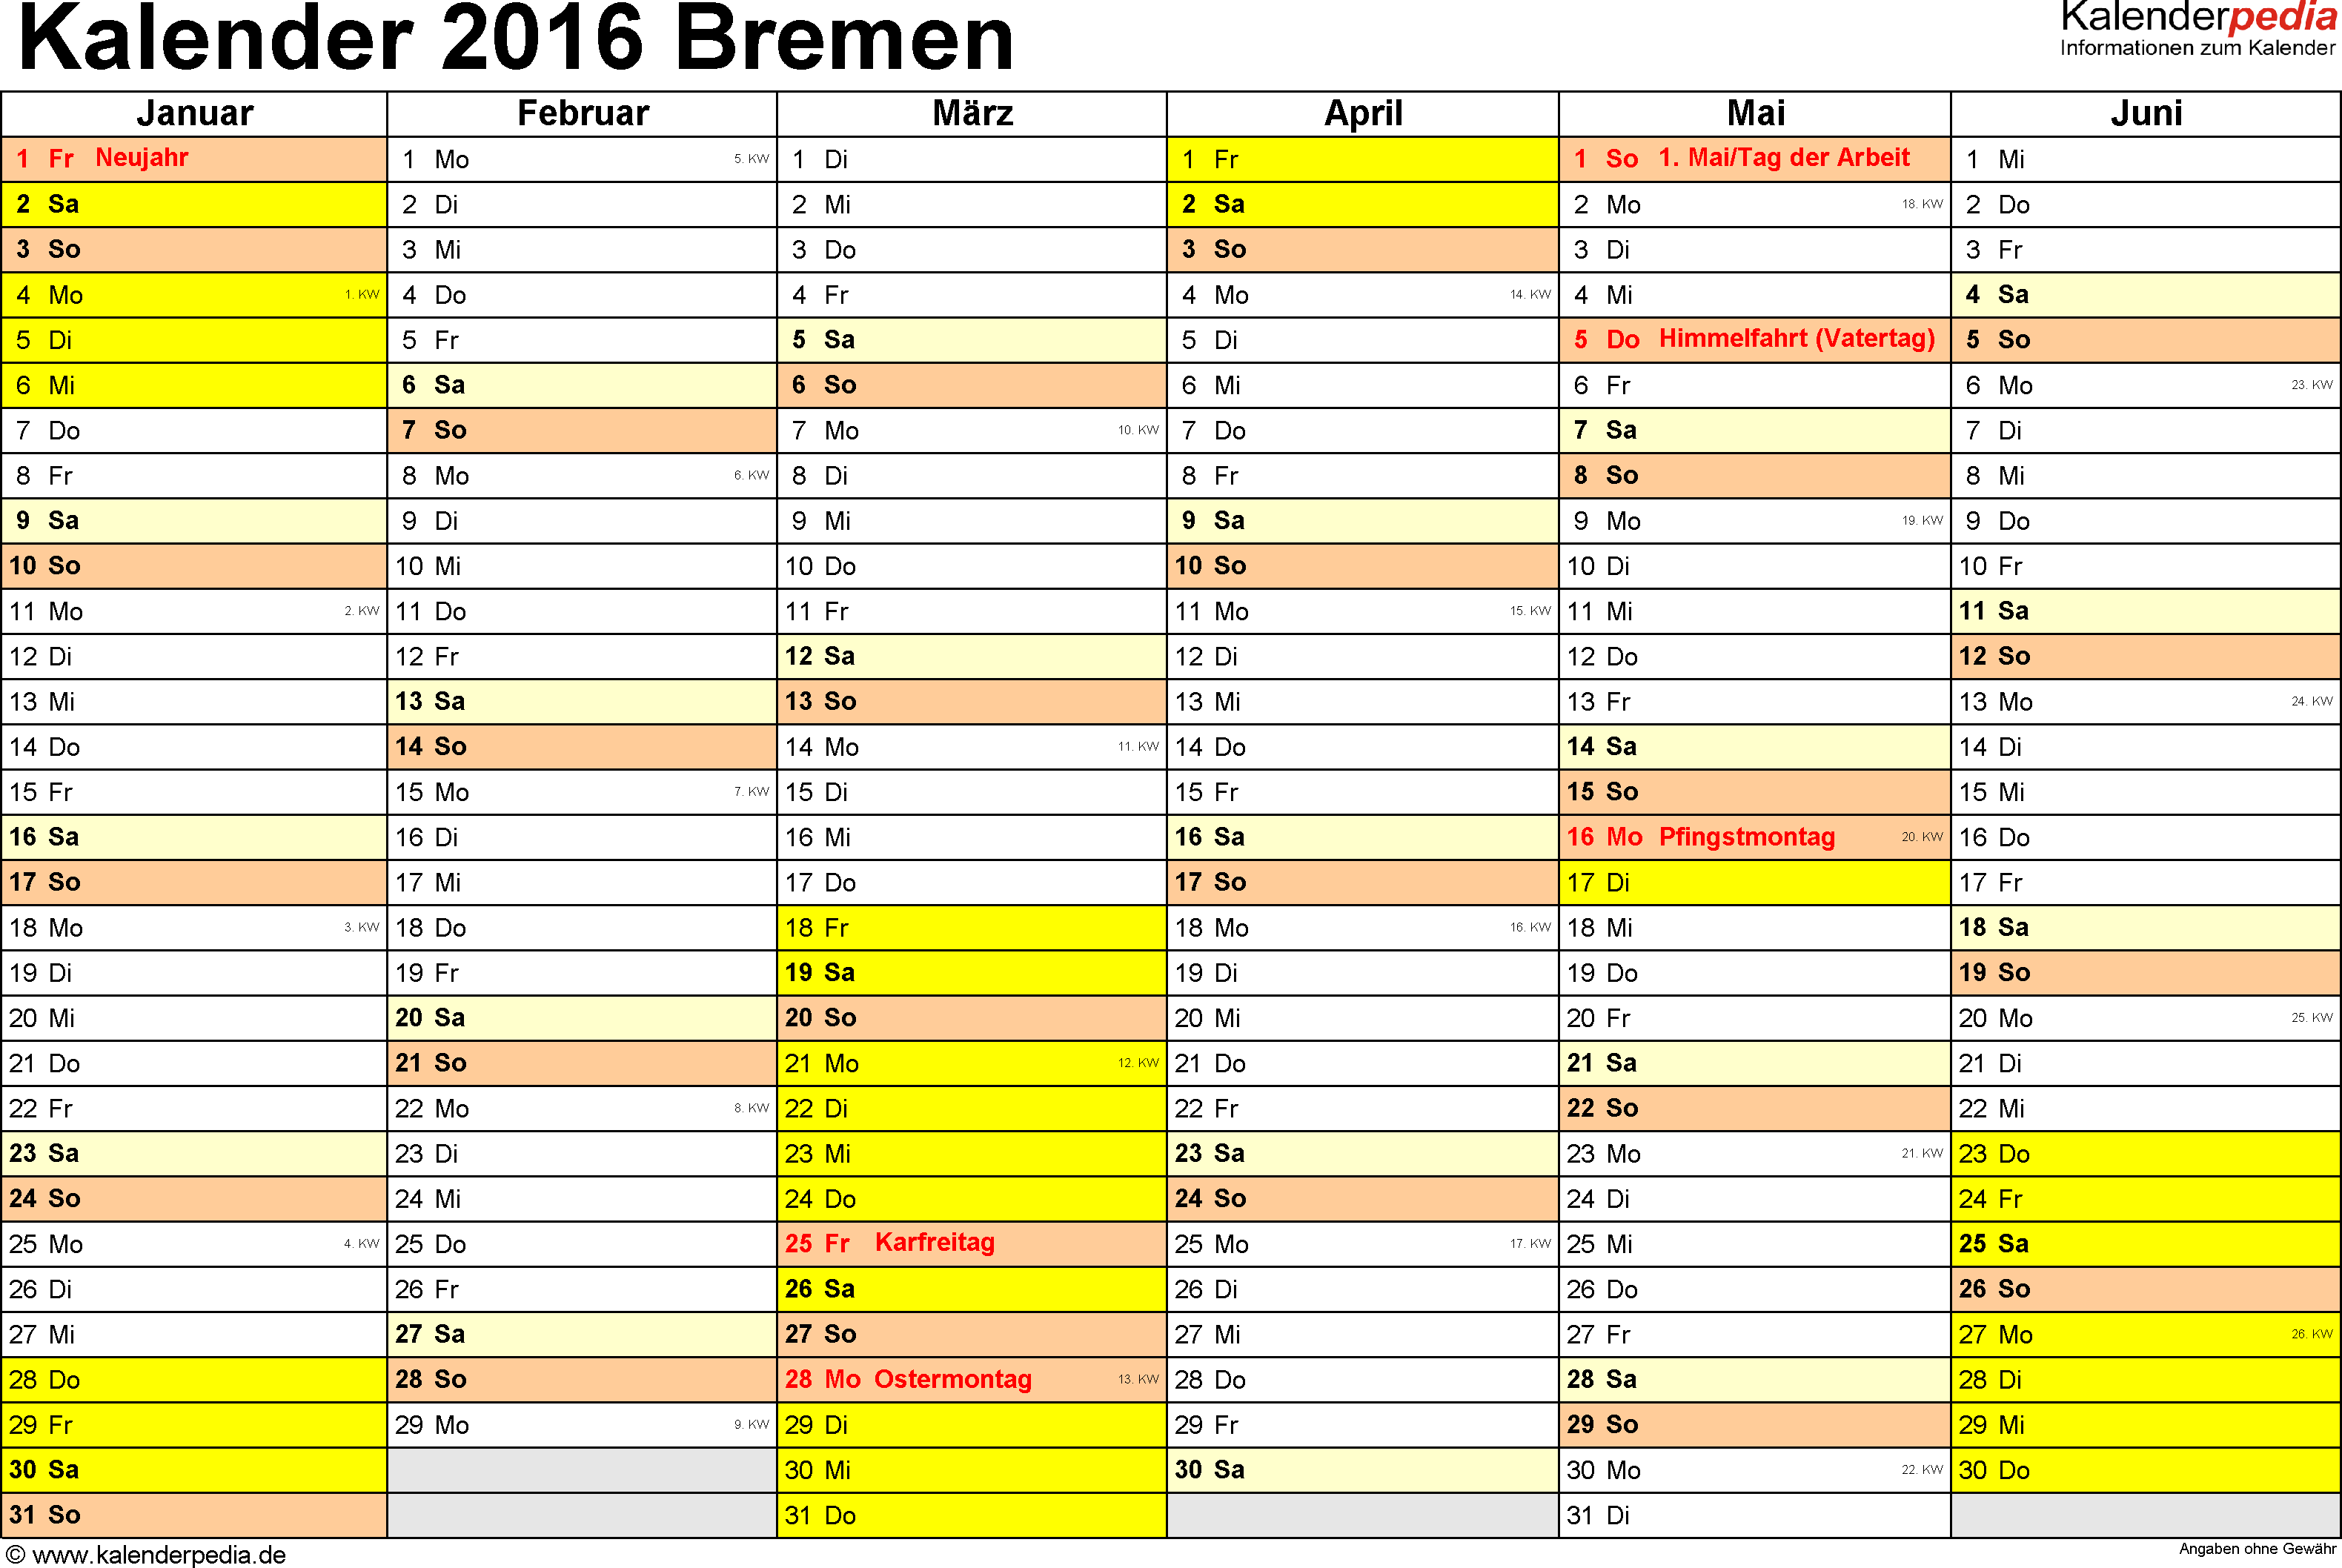 Vorlage 2: Kalender 2016 für Bremen als Excel-Vorlage (Querformat, 2 Seiten)